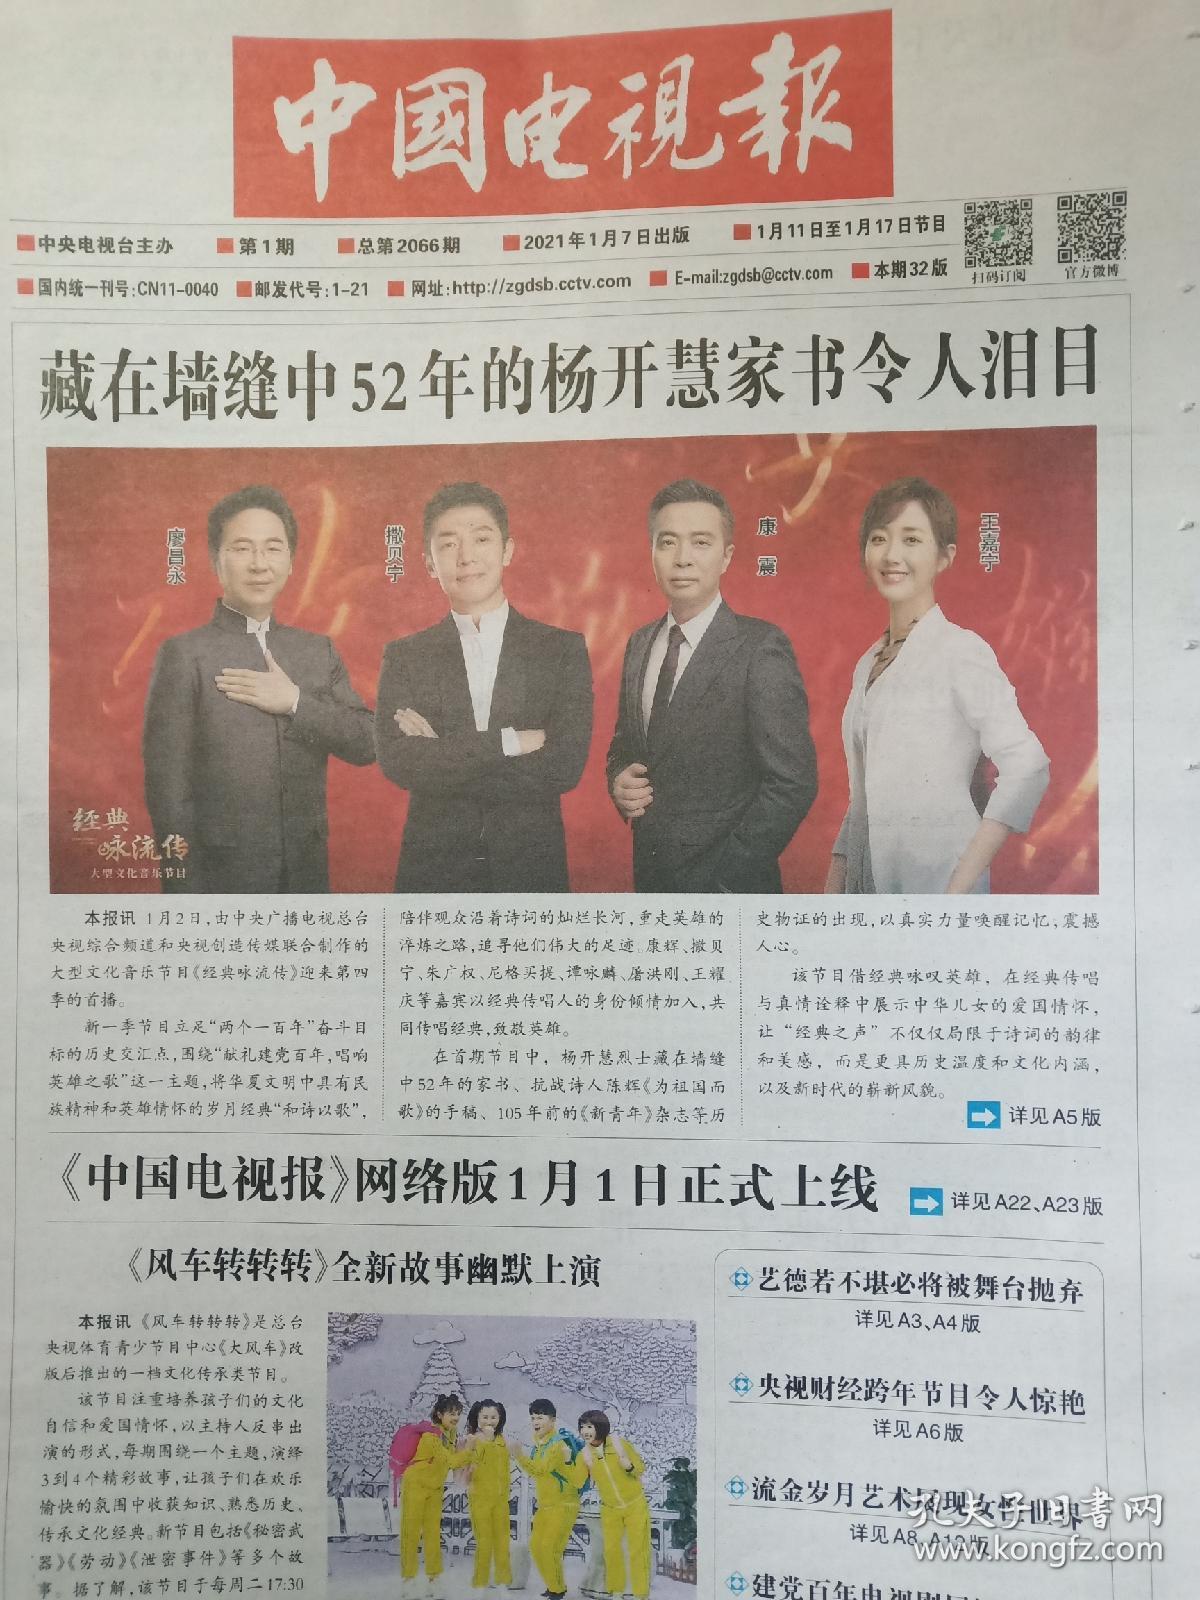 中国电视报2021年1月7日,第1期期期周四实时更新